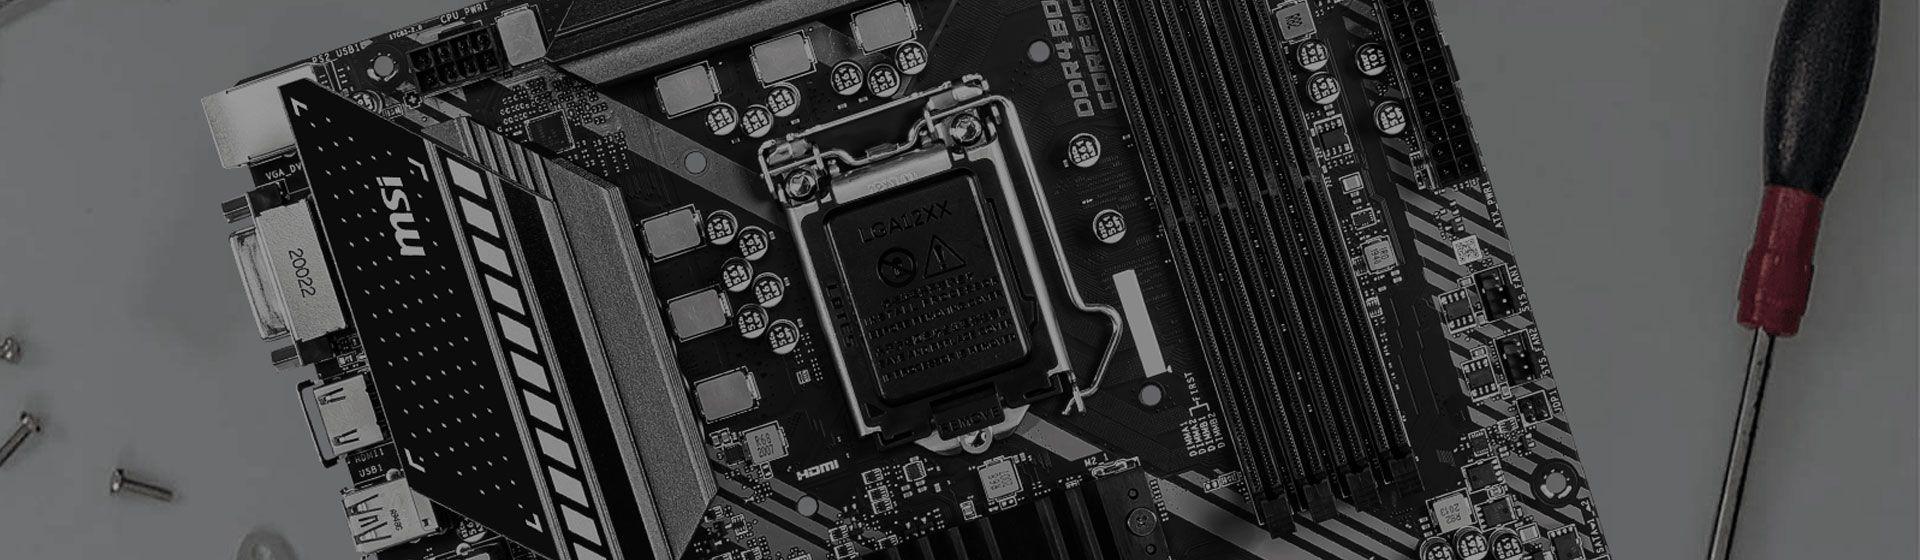 Melhor placa-mãe LGA 1151 para processador Intel em 2021: veja top 10